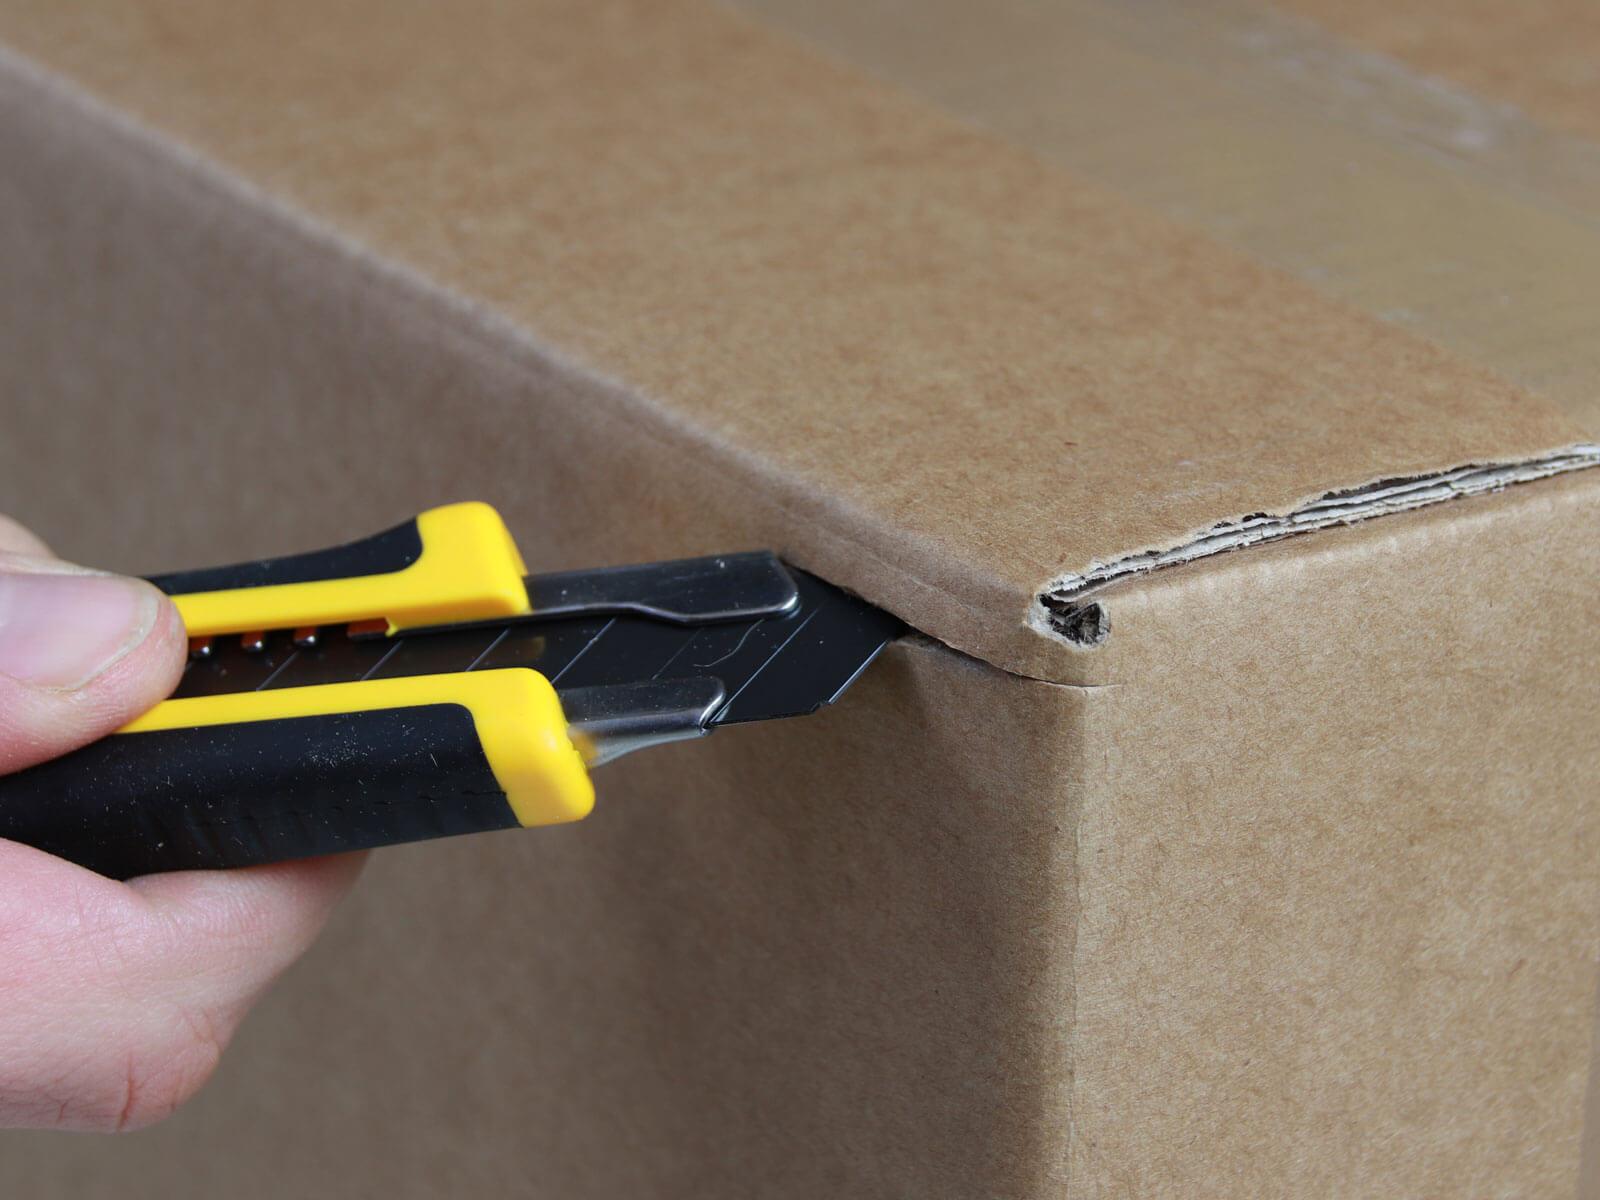 C064 Cuttermesser Karton schneiden abdeckeln CURT-tools